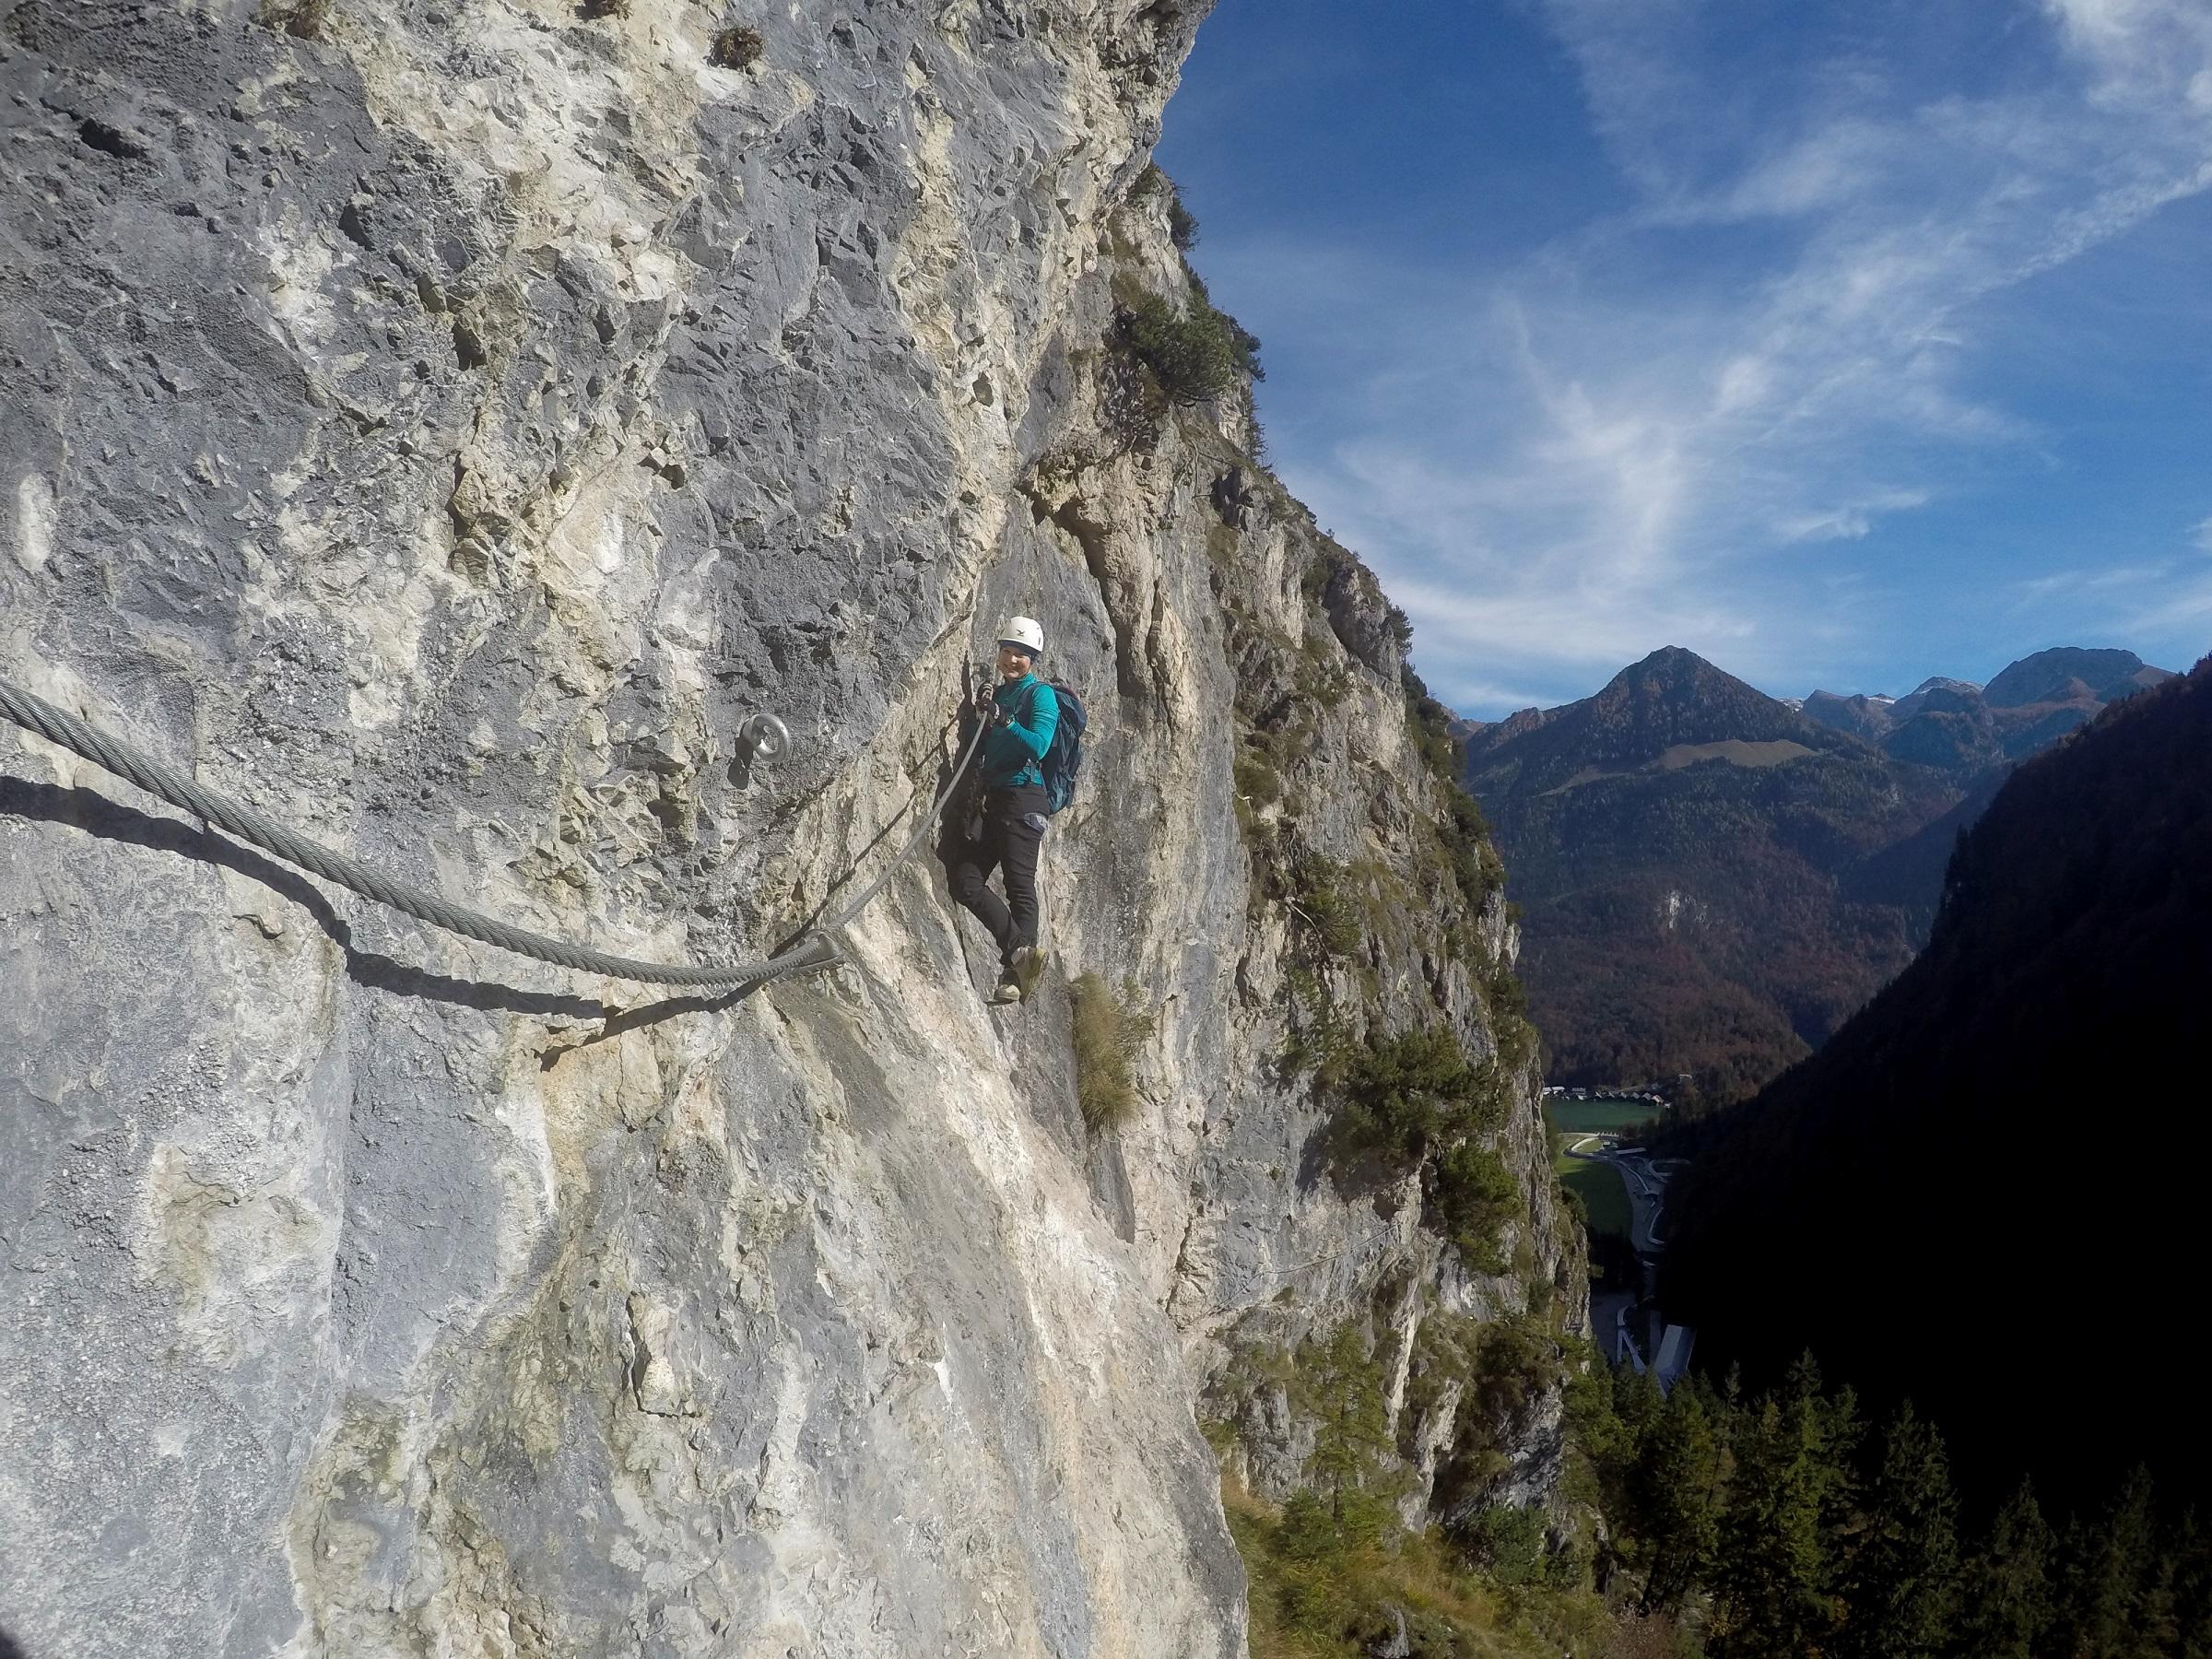 Klettersteig Königssee : Hotel am königssee grünstein klettersteig